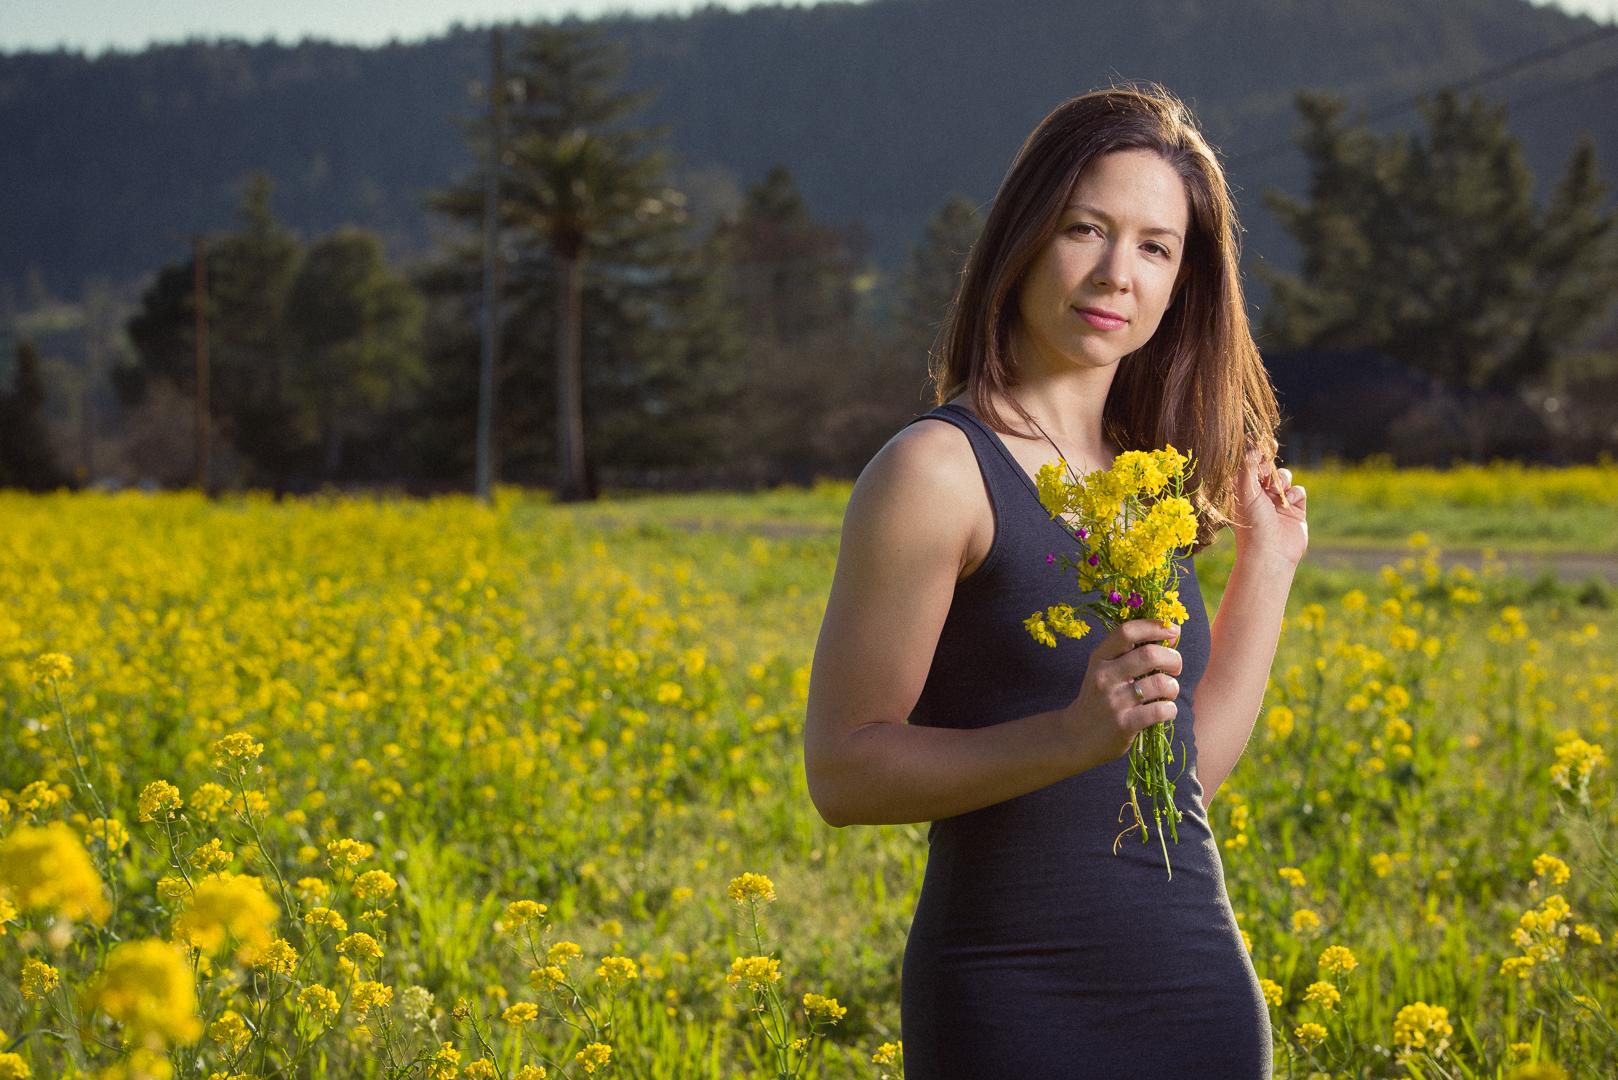 Anna_Mustard-54.jpg